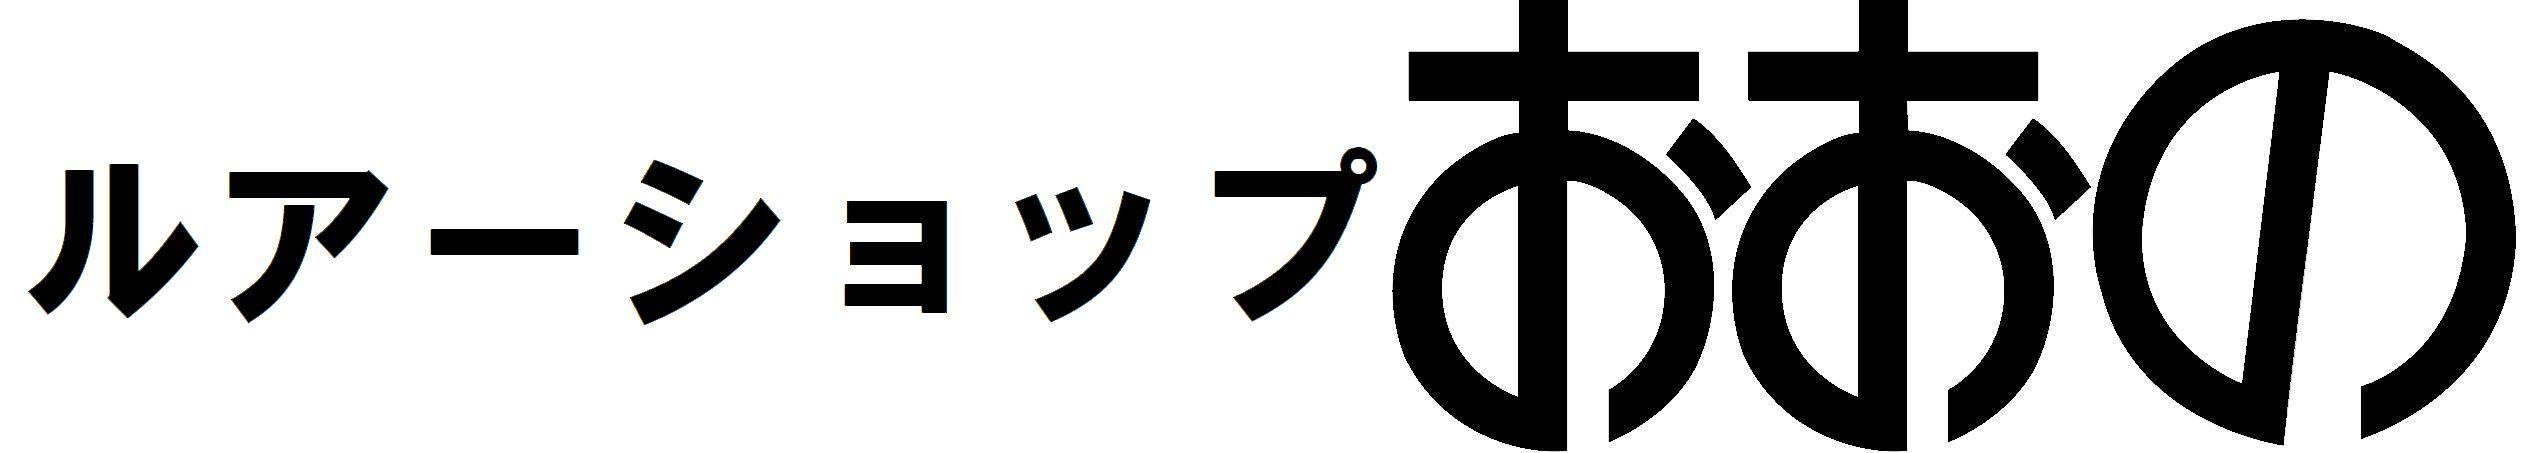 [雷魚]ウィードベッドモンスター カラーカスタムオーダー締切日のお知らせ。_a0153216_11300415.jpg